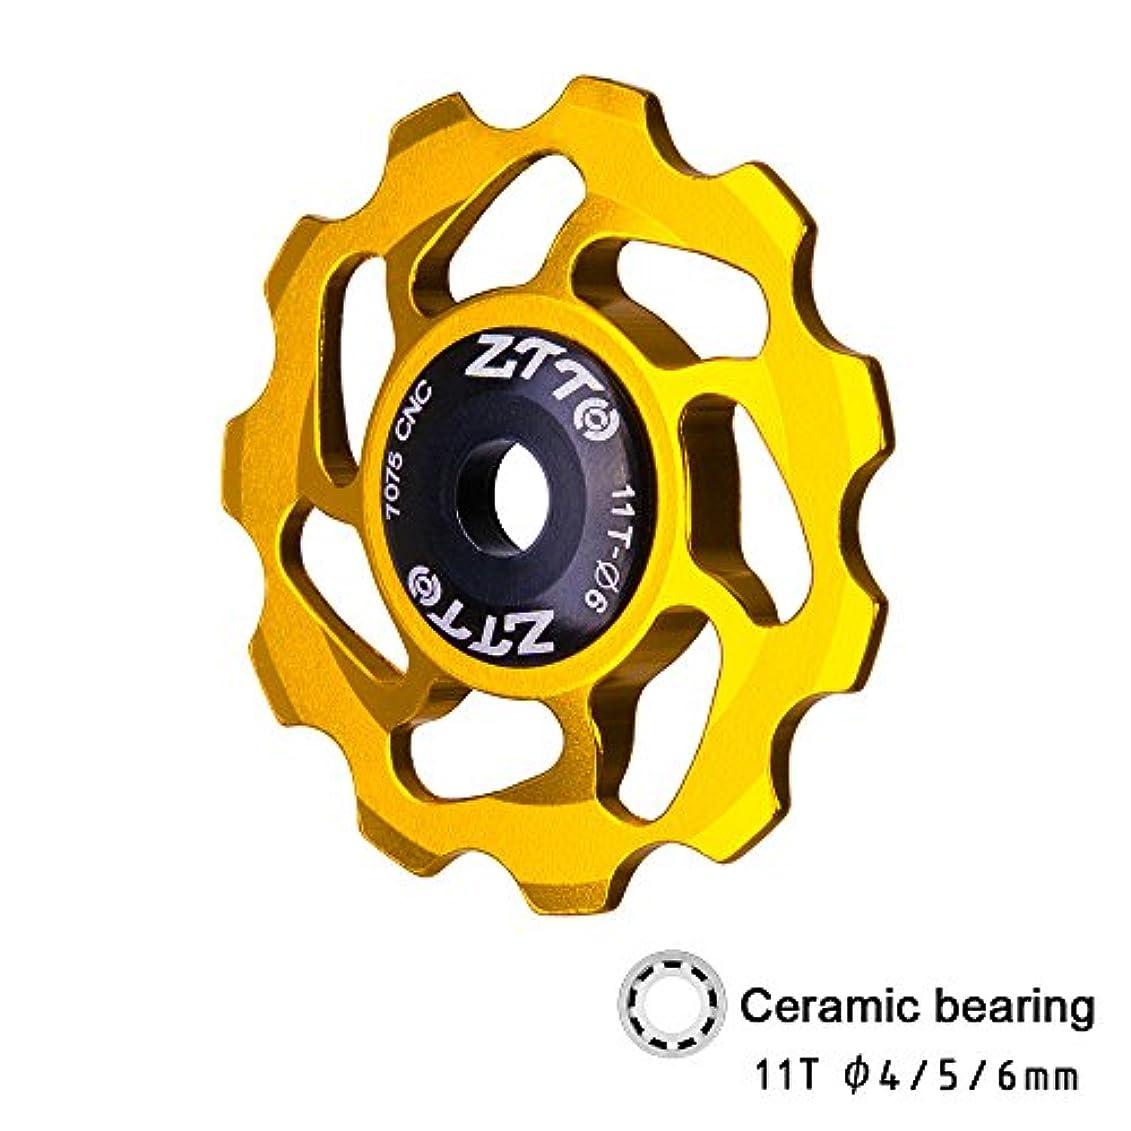 エゴマニアはい才能Ztto11tmtbリアディレイラージョッキーホイールセラミックベアリングプーリーガイドローラアイ4.5.6ミリメートル_金